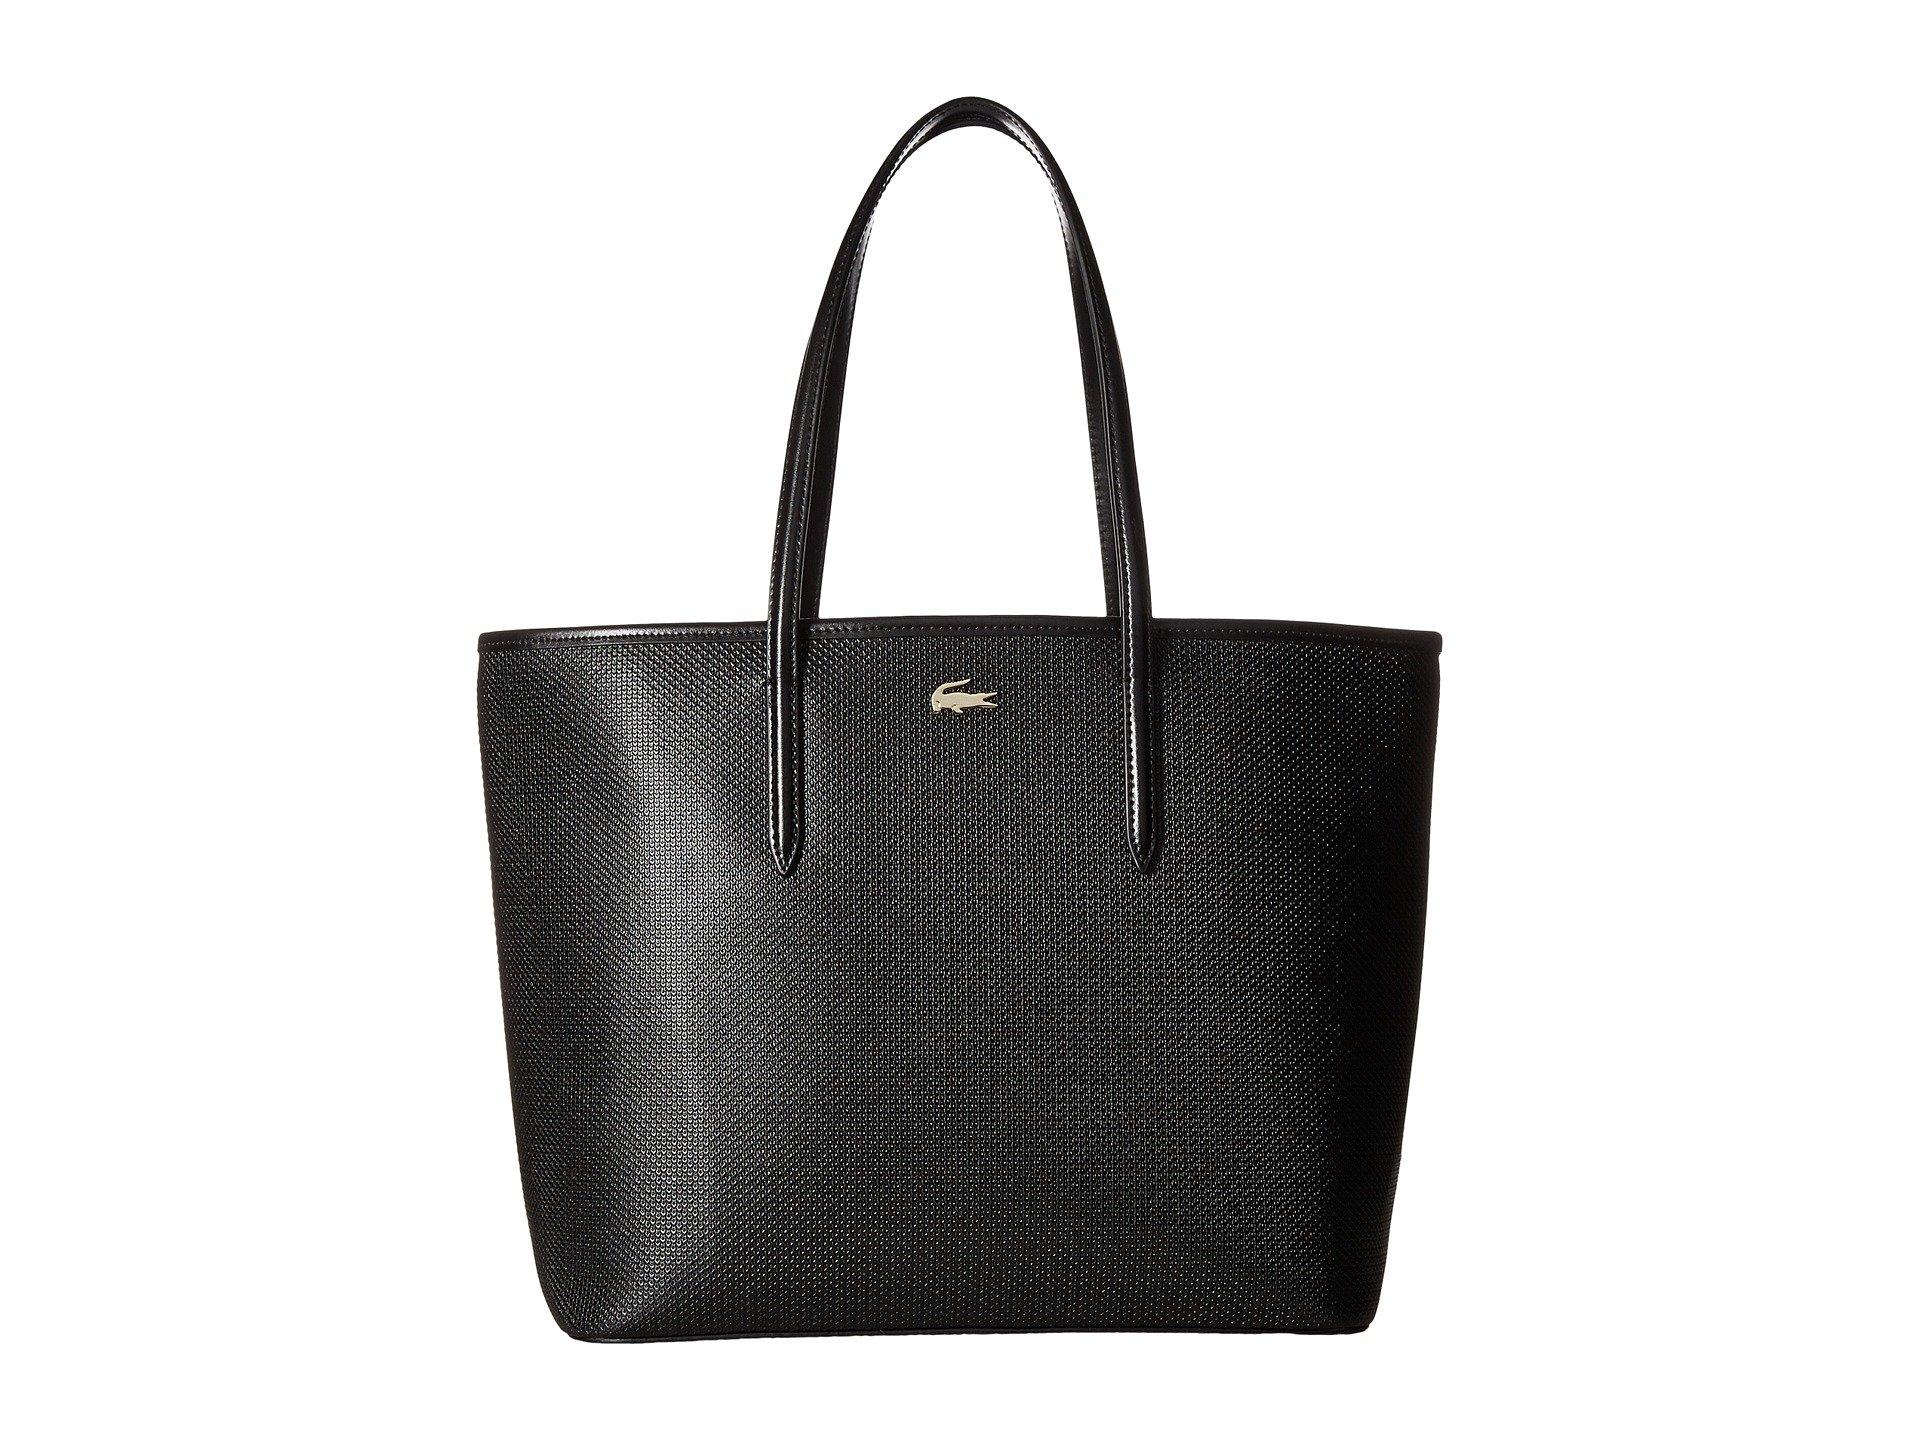 Bolso de Mano para Mujer Lacoste Chantaco Shopping Bag  + Lacoste en VeoyCompro.net